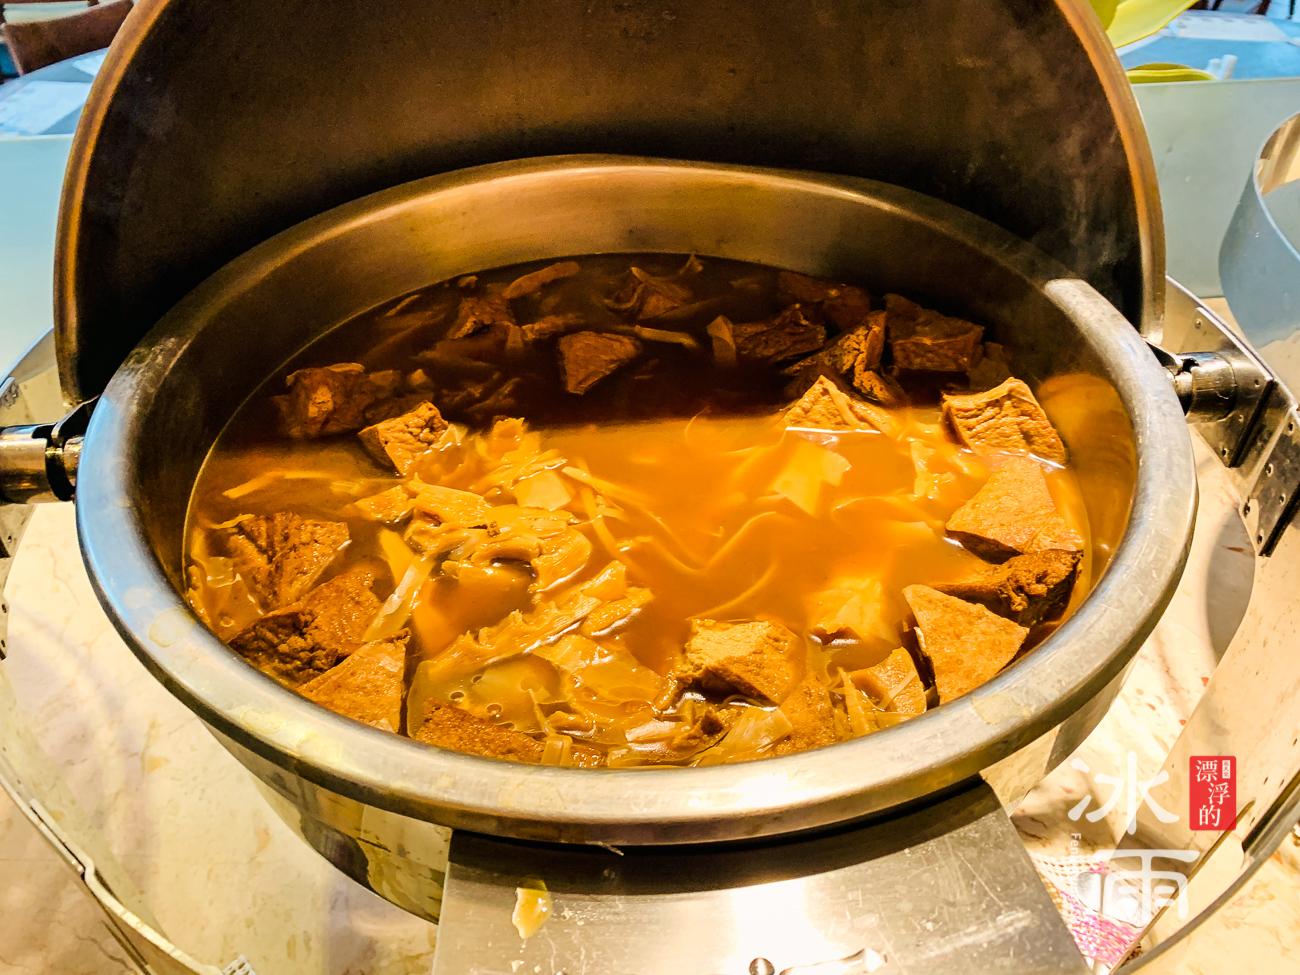 陽明山天籟溫泉會館|早餐菜色|滷菜